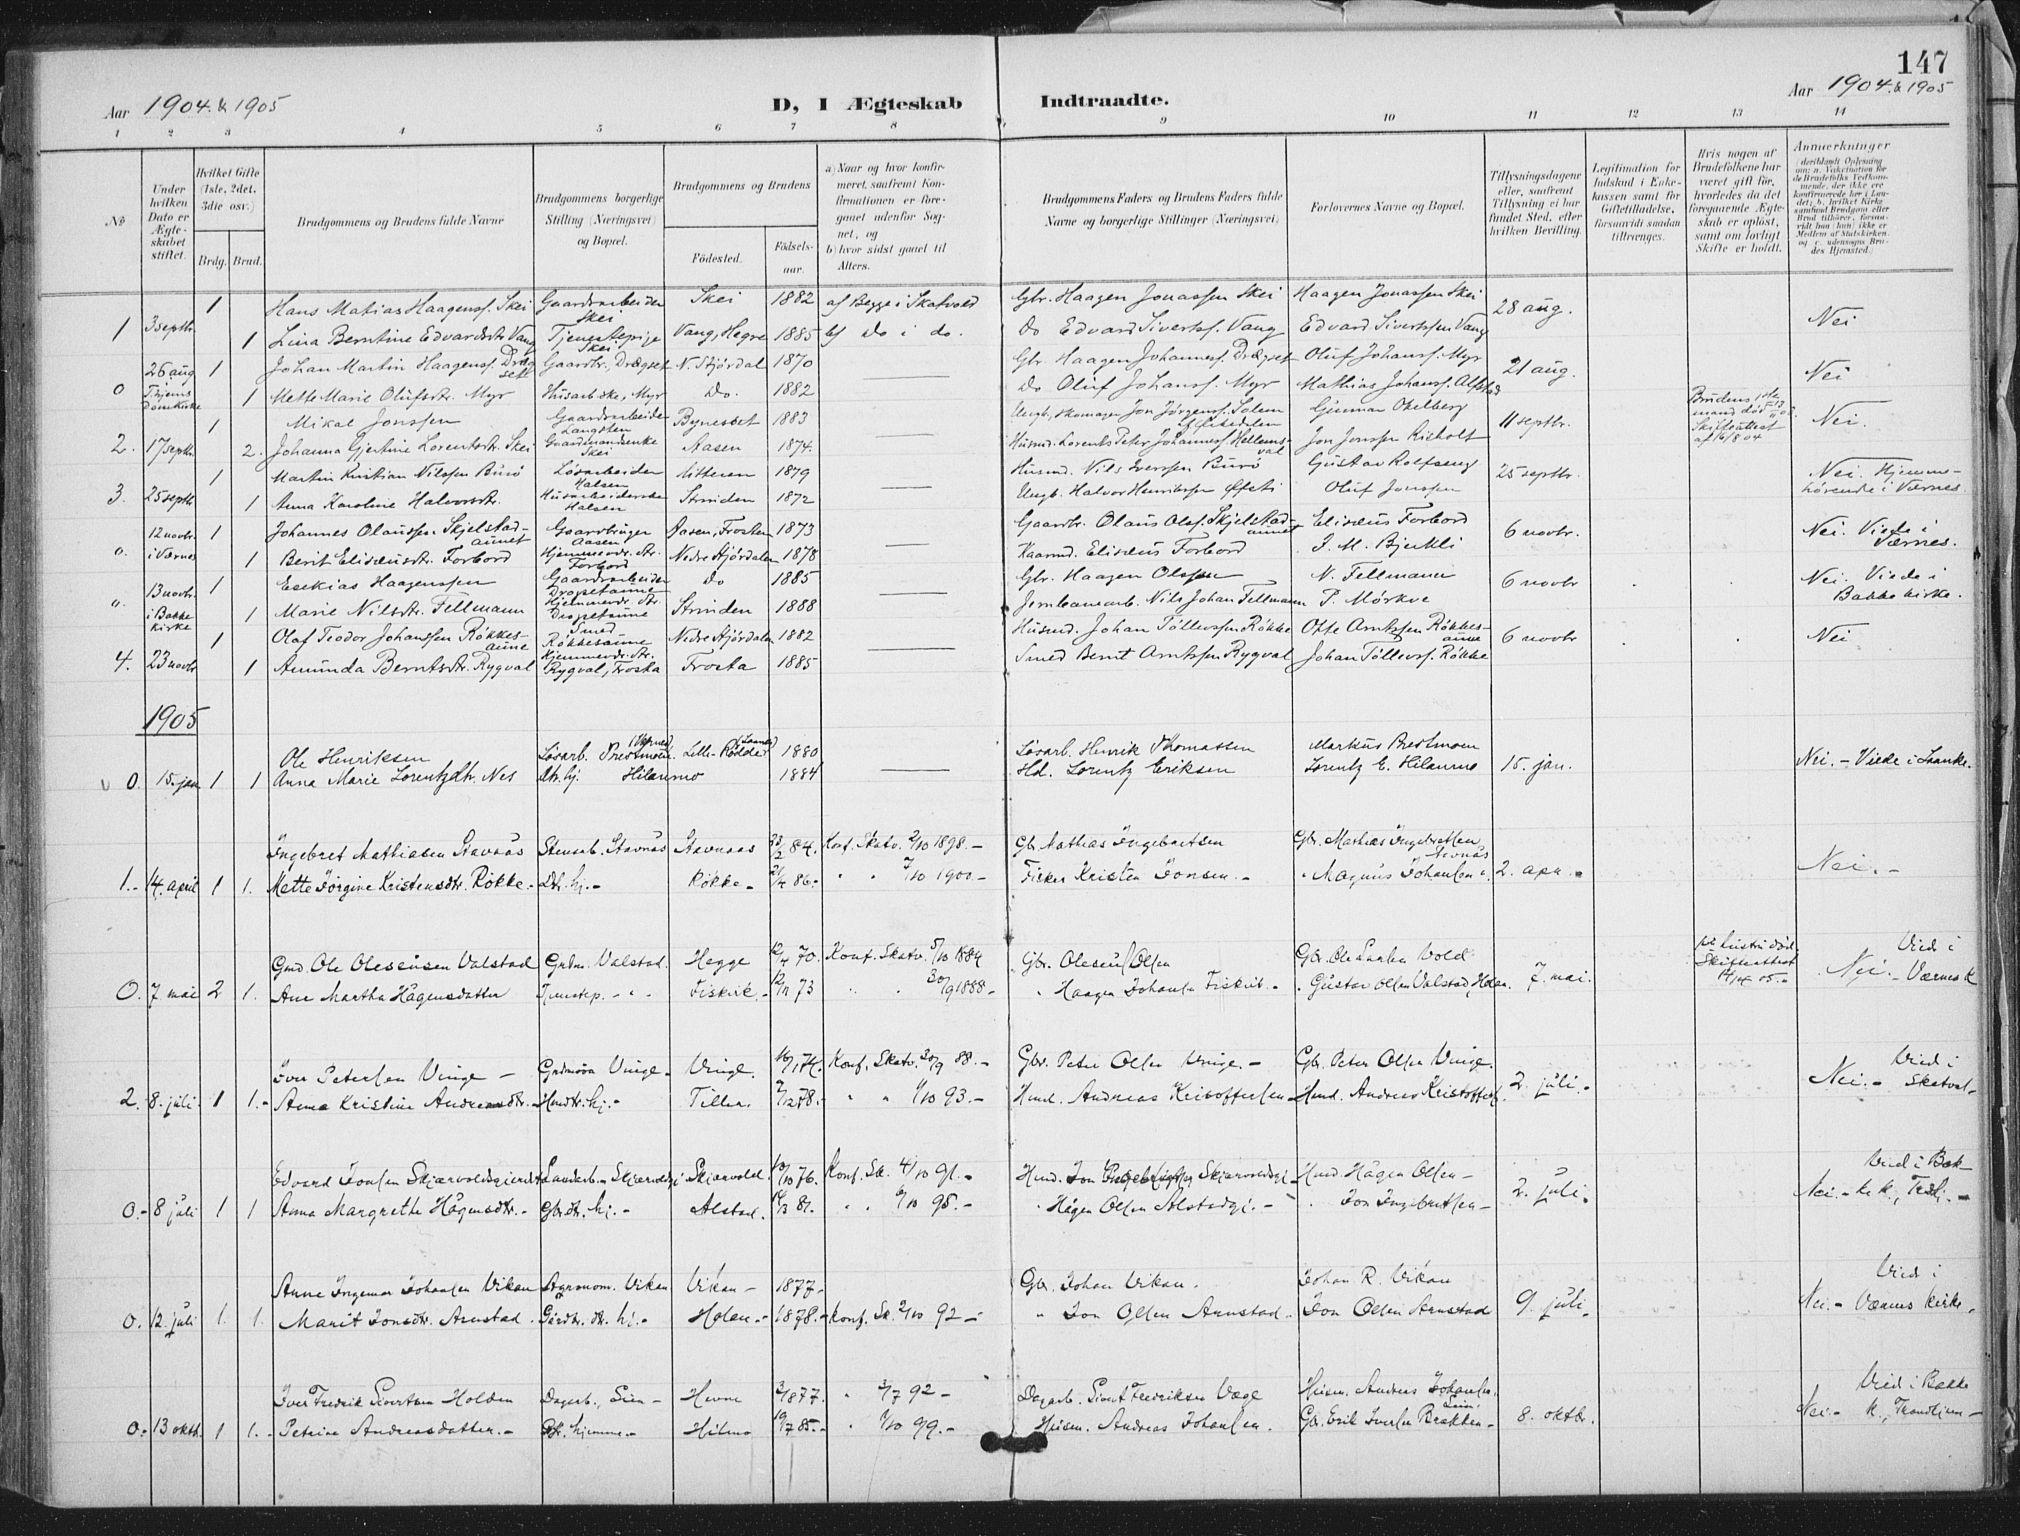 SAT, Ministerialprotokoller, klokkerbøker og fødselsregistre - Nord-Trøndelag, 712/L0101: Ministerialbok nr. 712A02, 1901-1916, s. 147